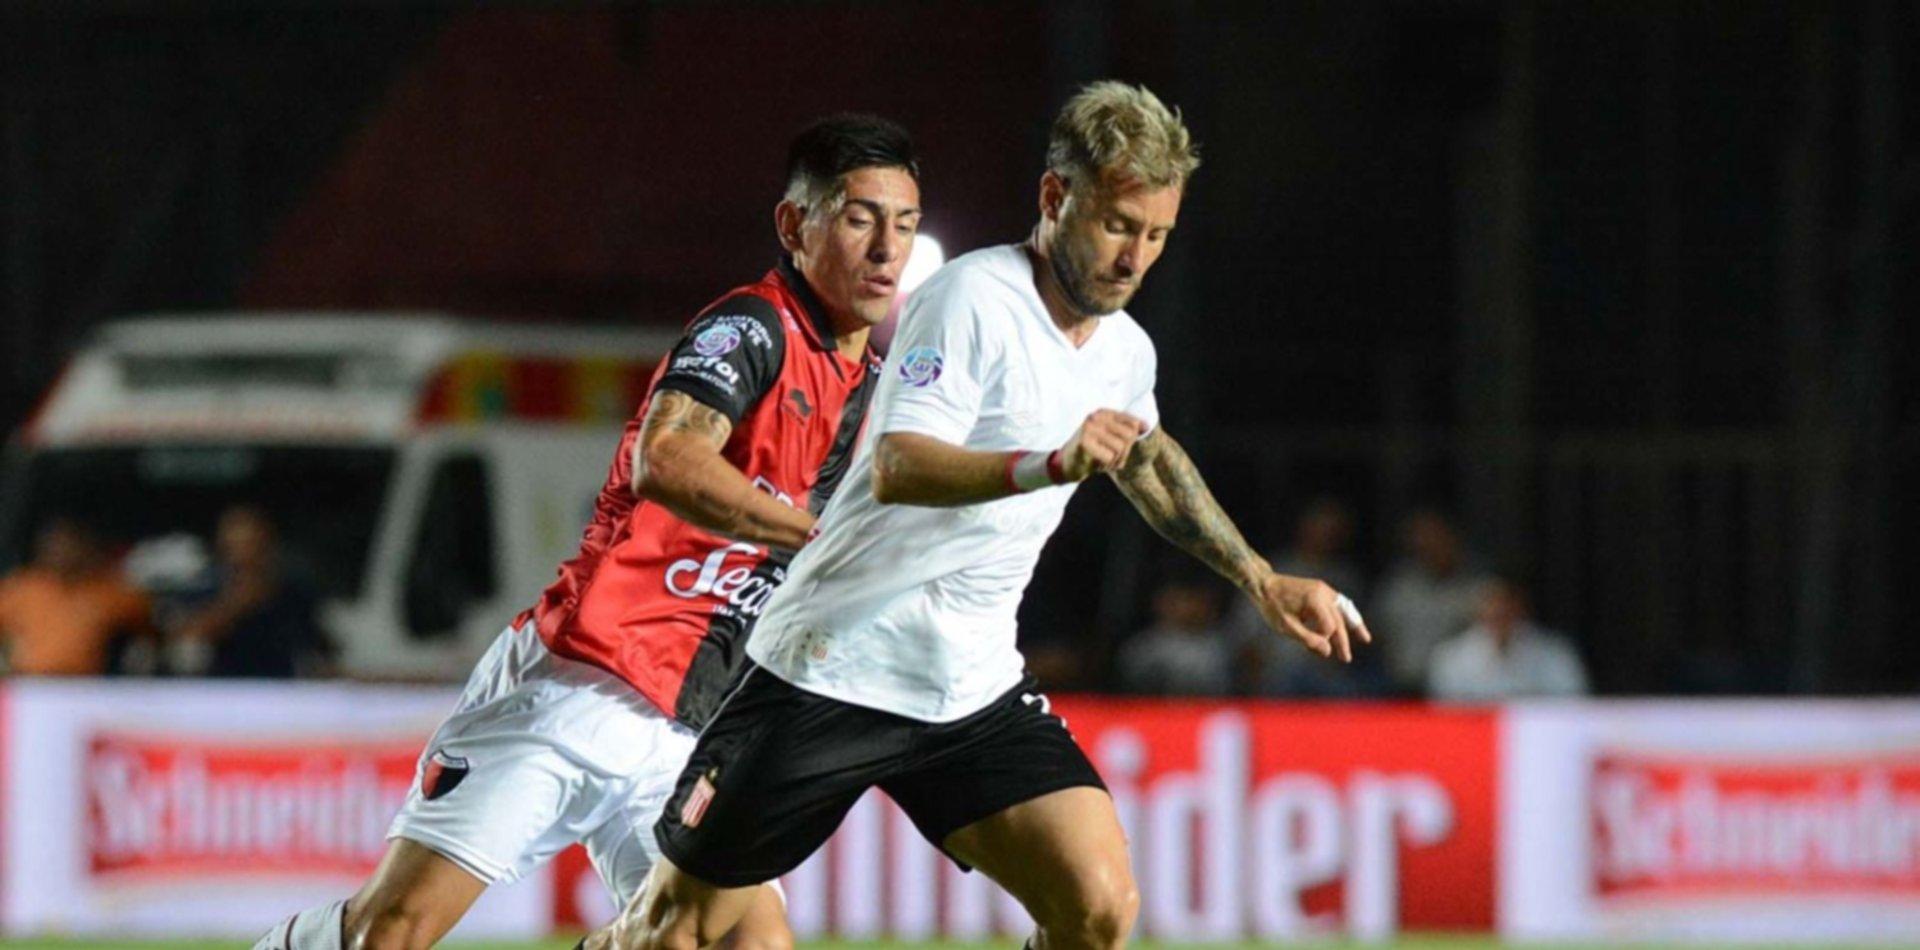 Horario, TV y formaciones:Estudiantes repite el equipo y busca seguir prolongando su buen andar en la Superliga